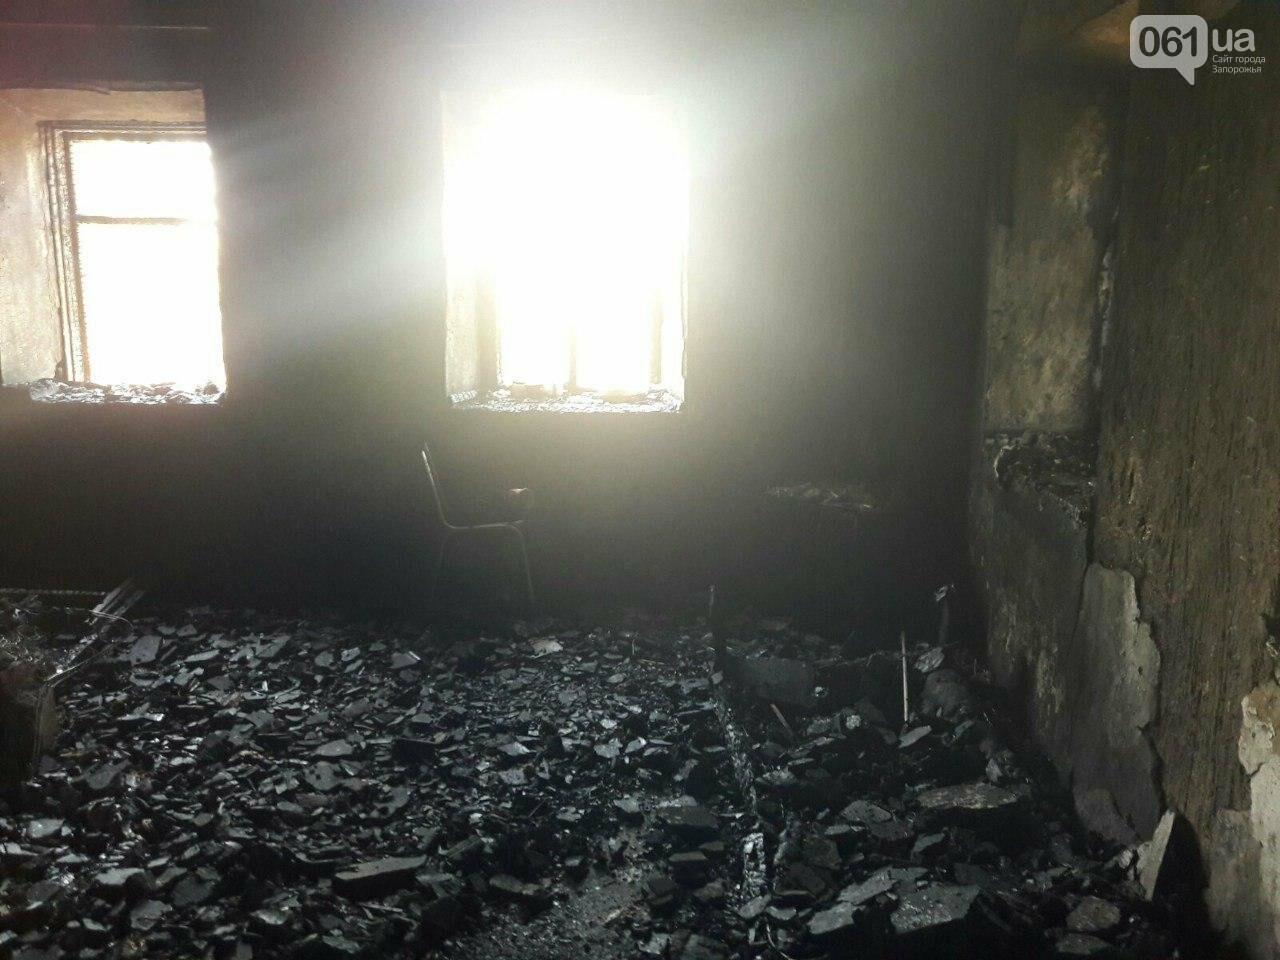 В Запорожской области во время пожара погибла пенсионерка, фото-1